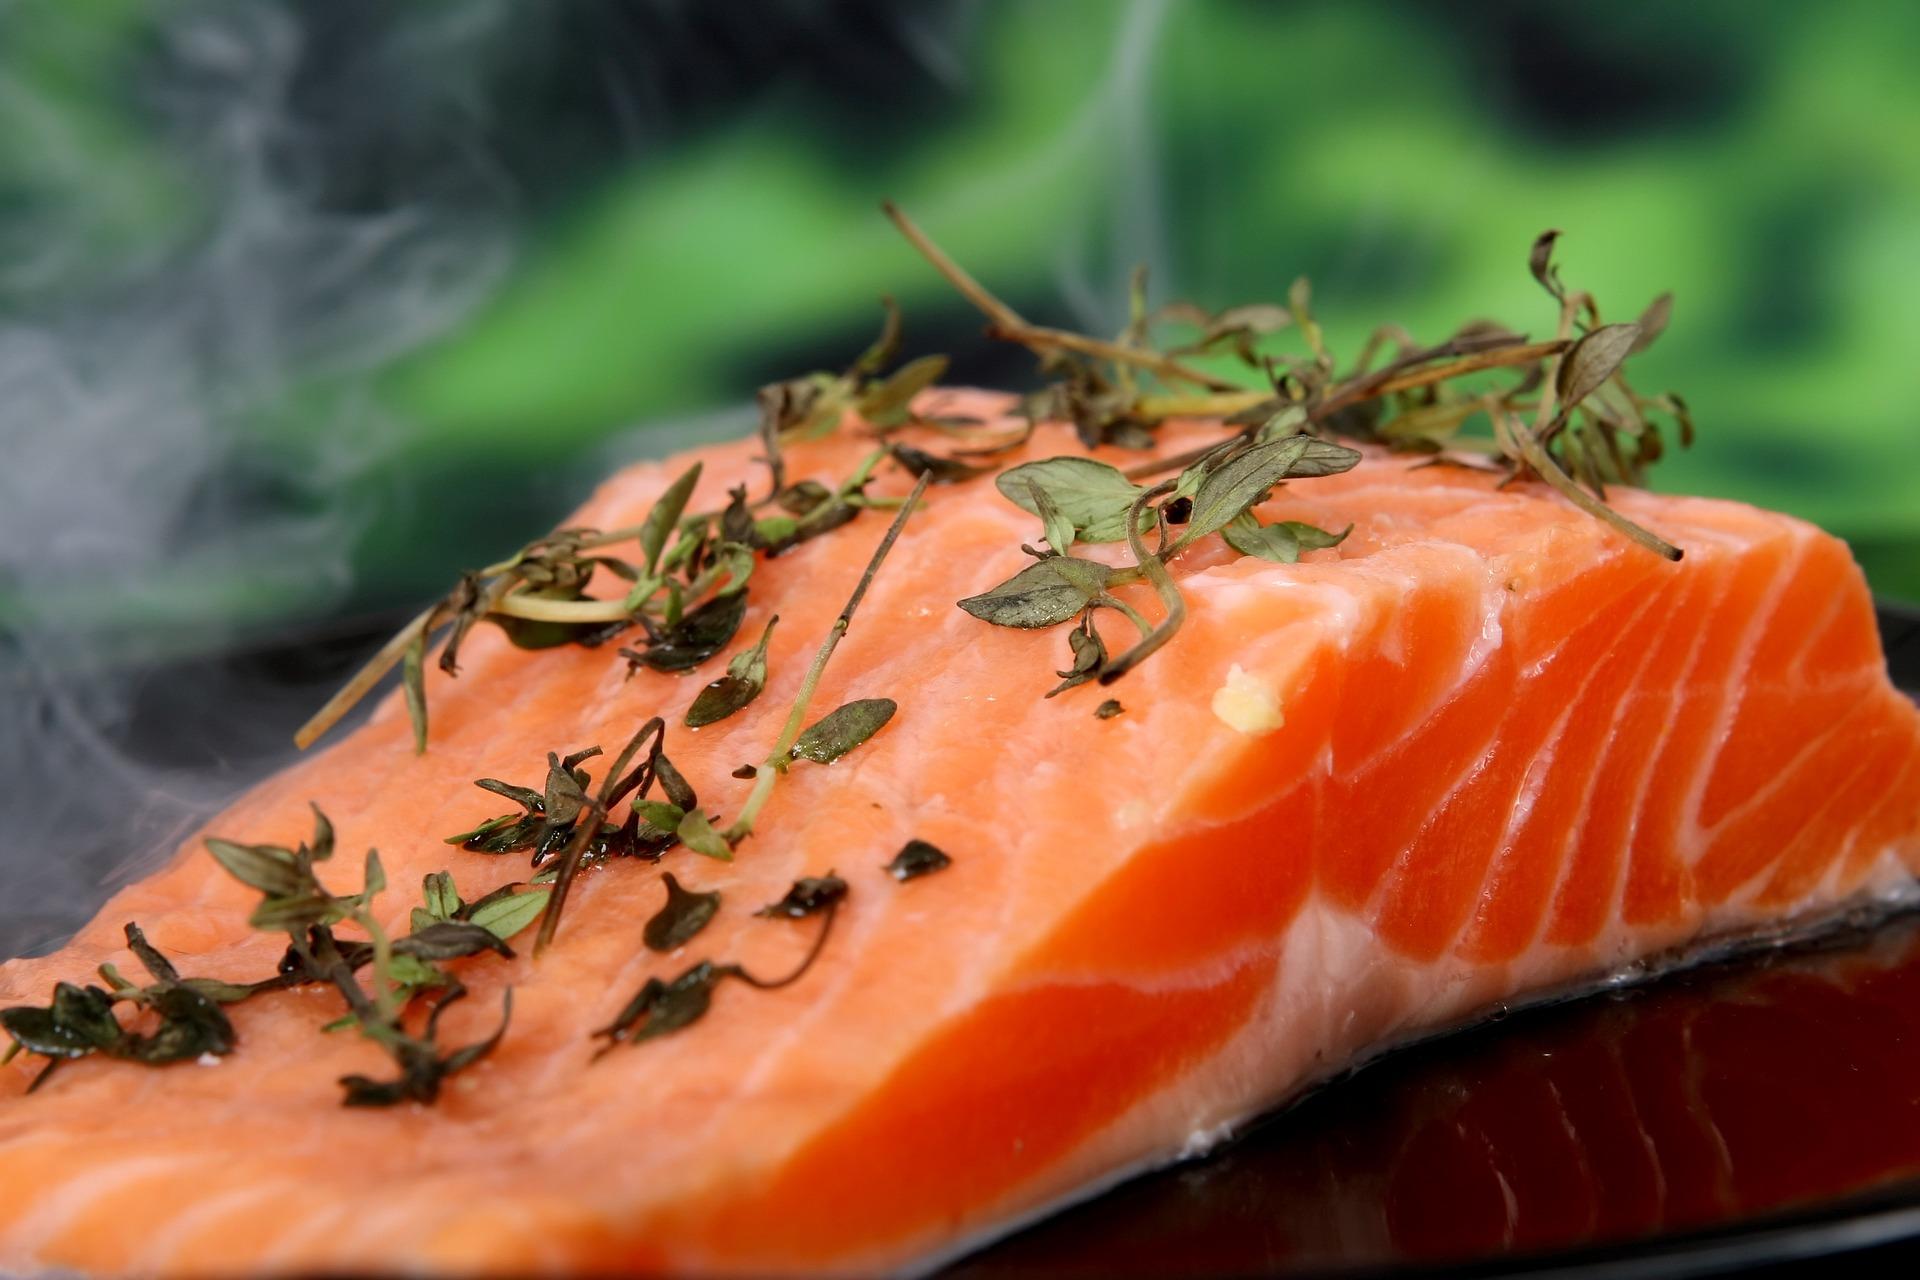 Fisch zählt zu den leicht verderblichen Waren und kann Giftstoffe nach dem Verbrauchsdatum bilden (Bild:Pixabay/Meditations)